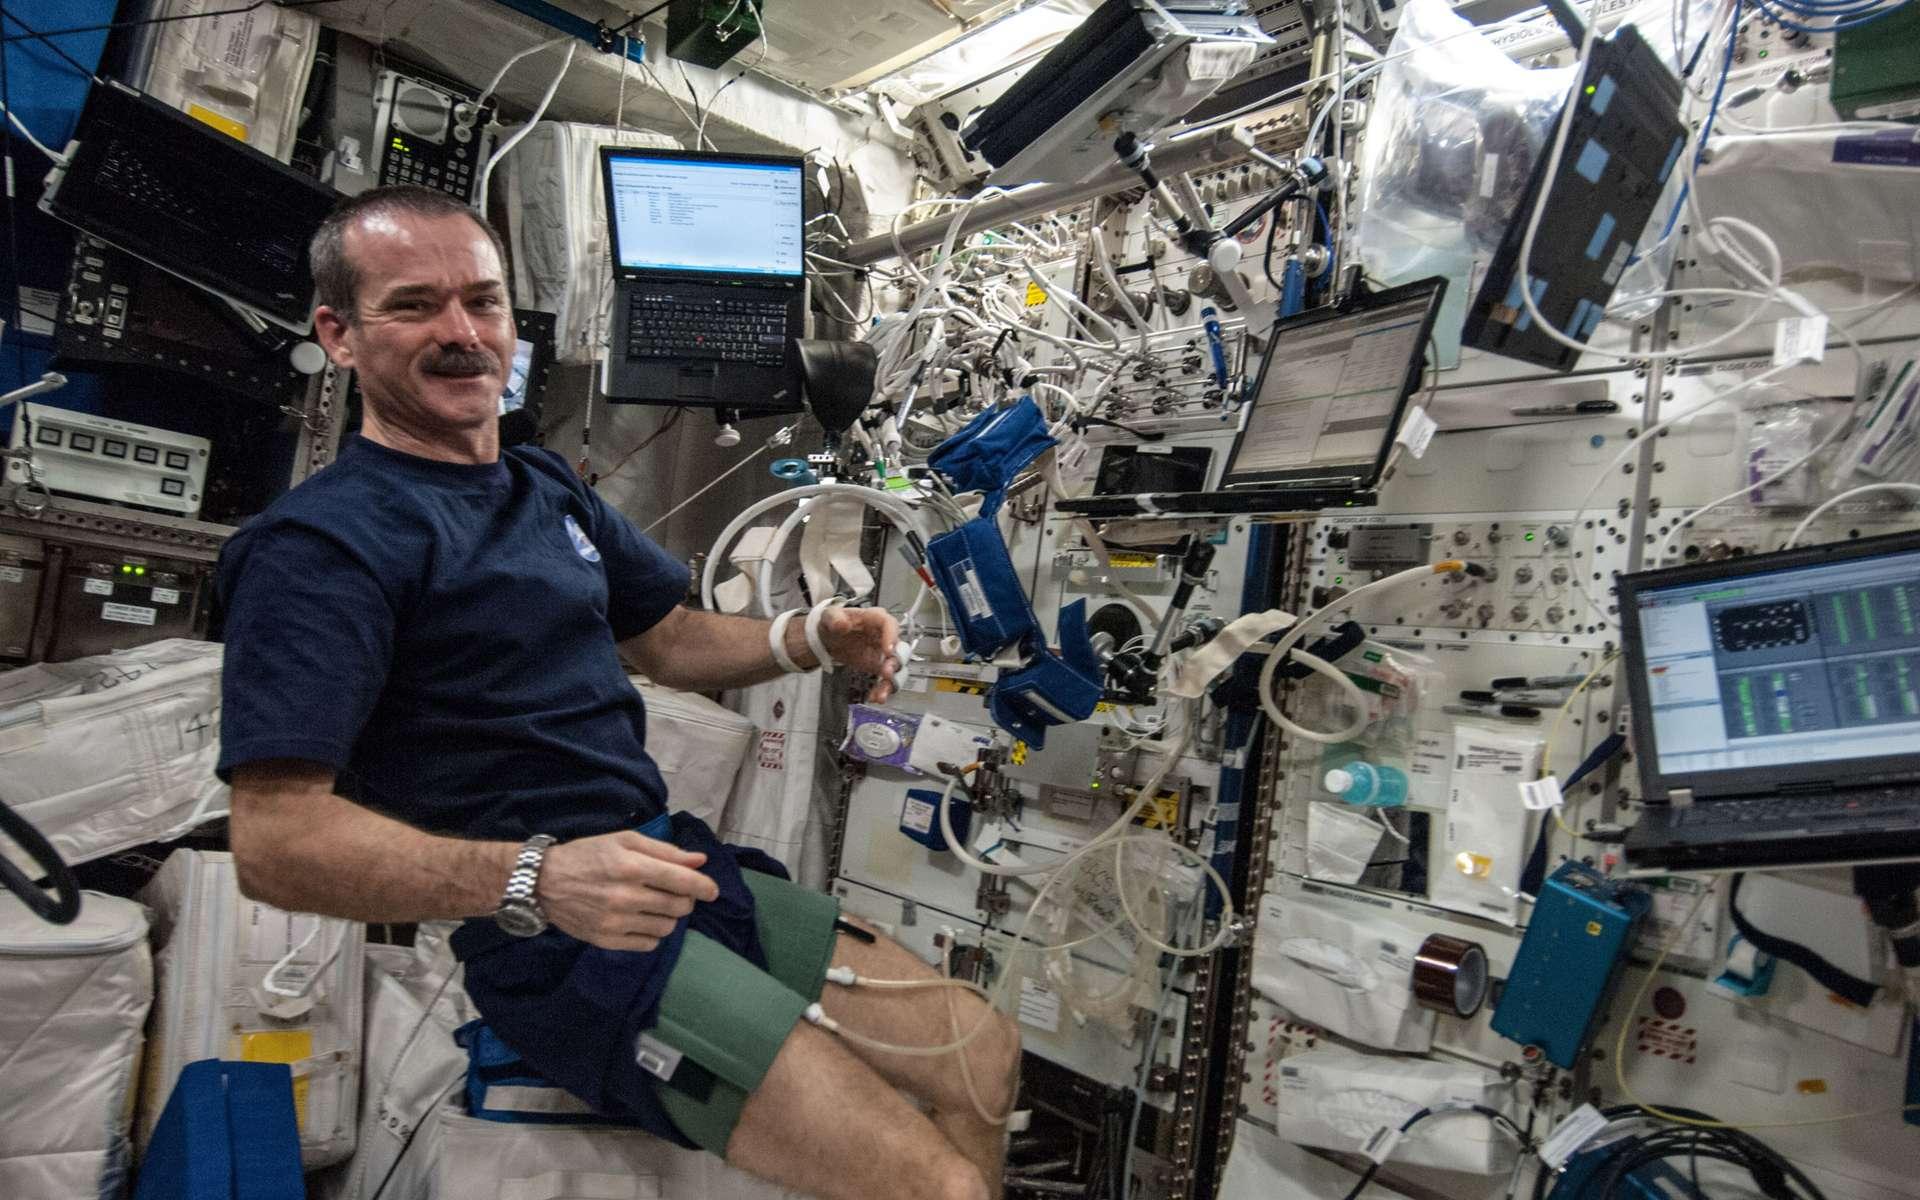 À bord de la Station spatiale internationale, Chris Hadfield mesure et surveille la régulation de sa pression artérielle. © Nasa